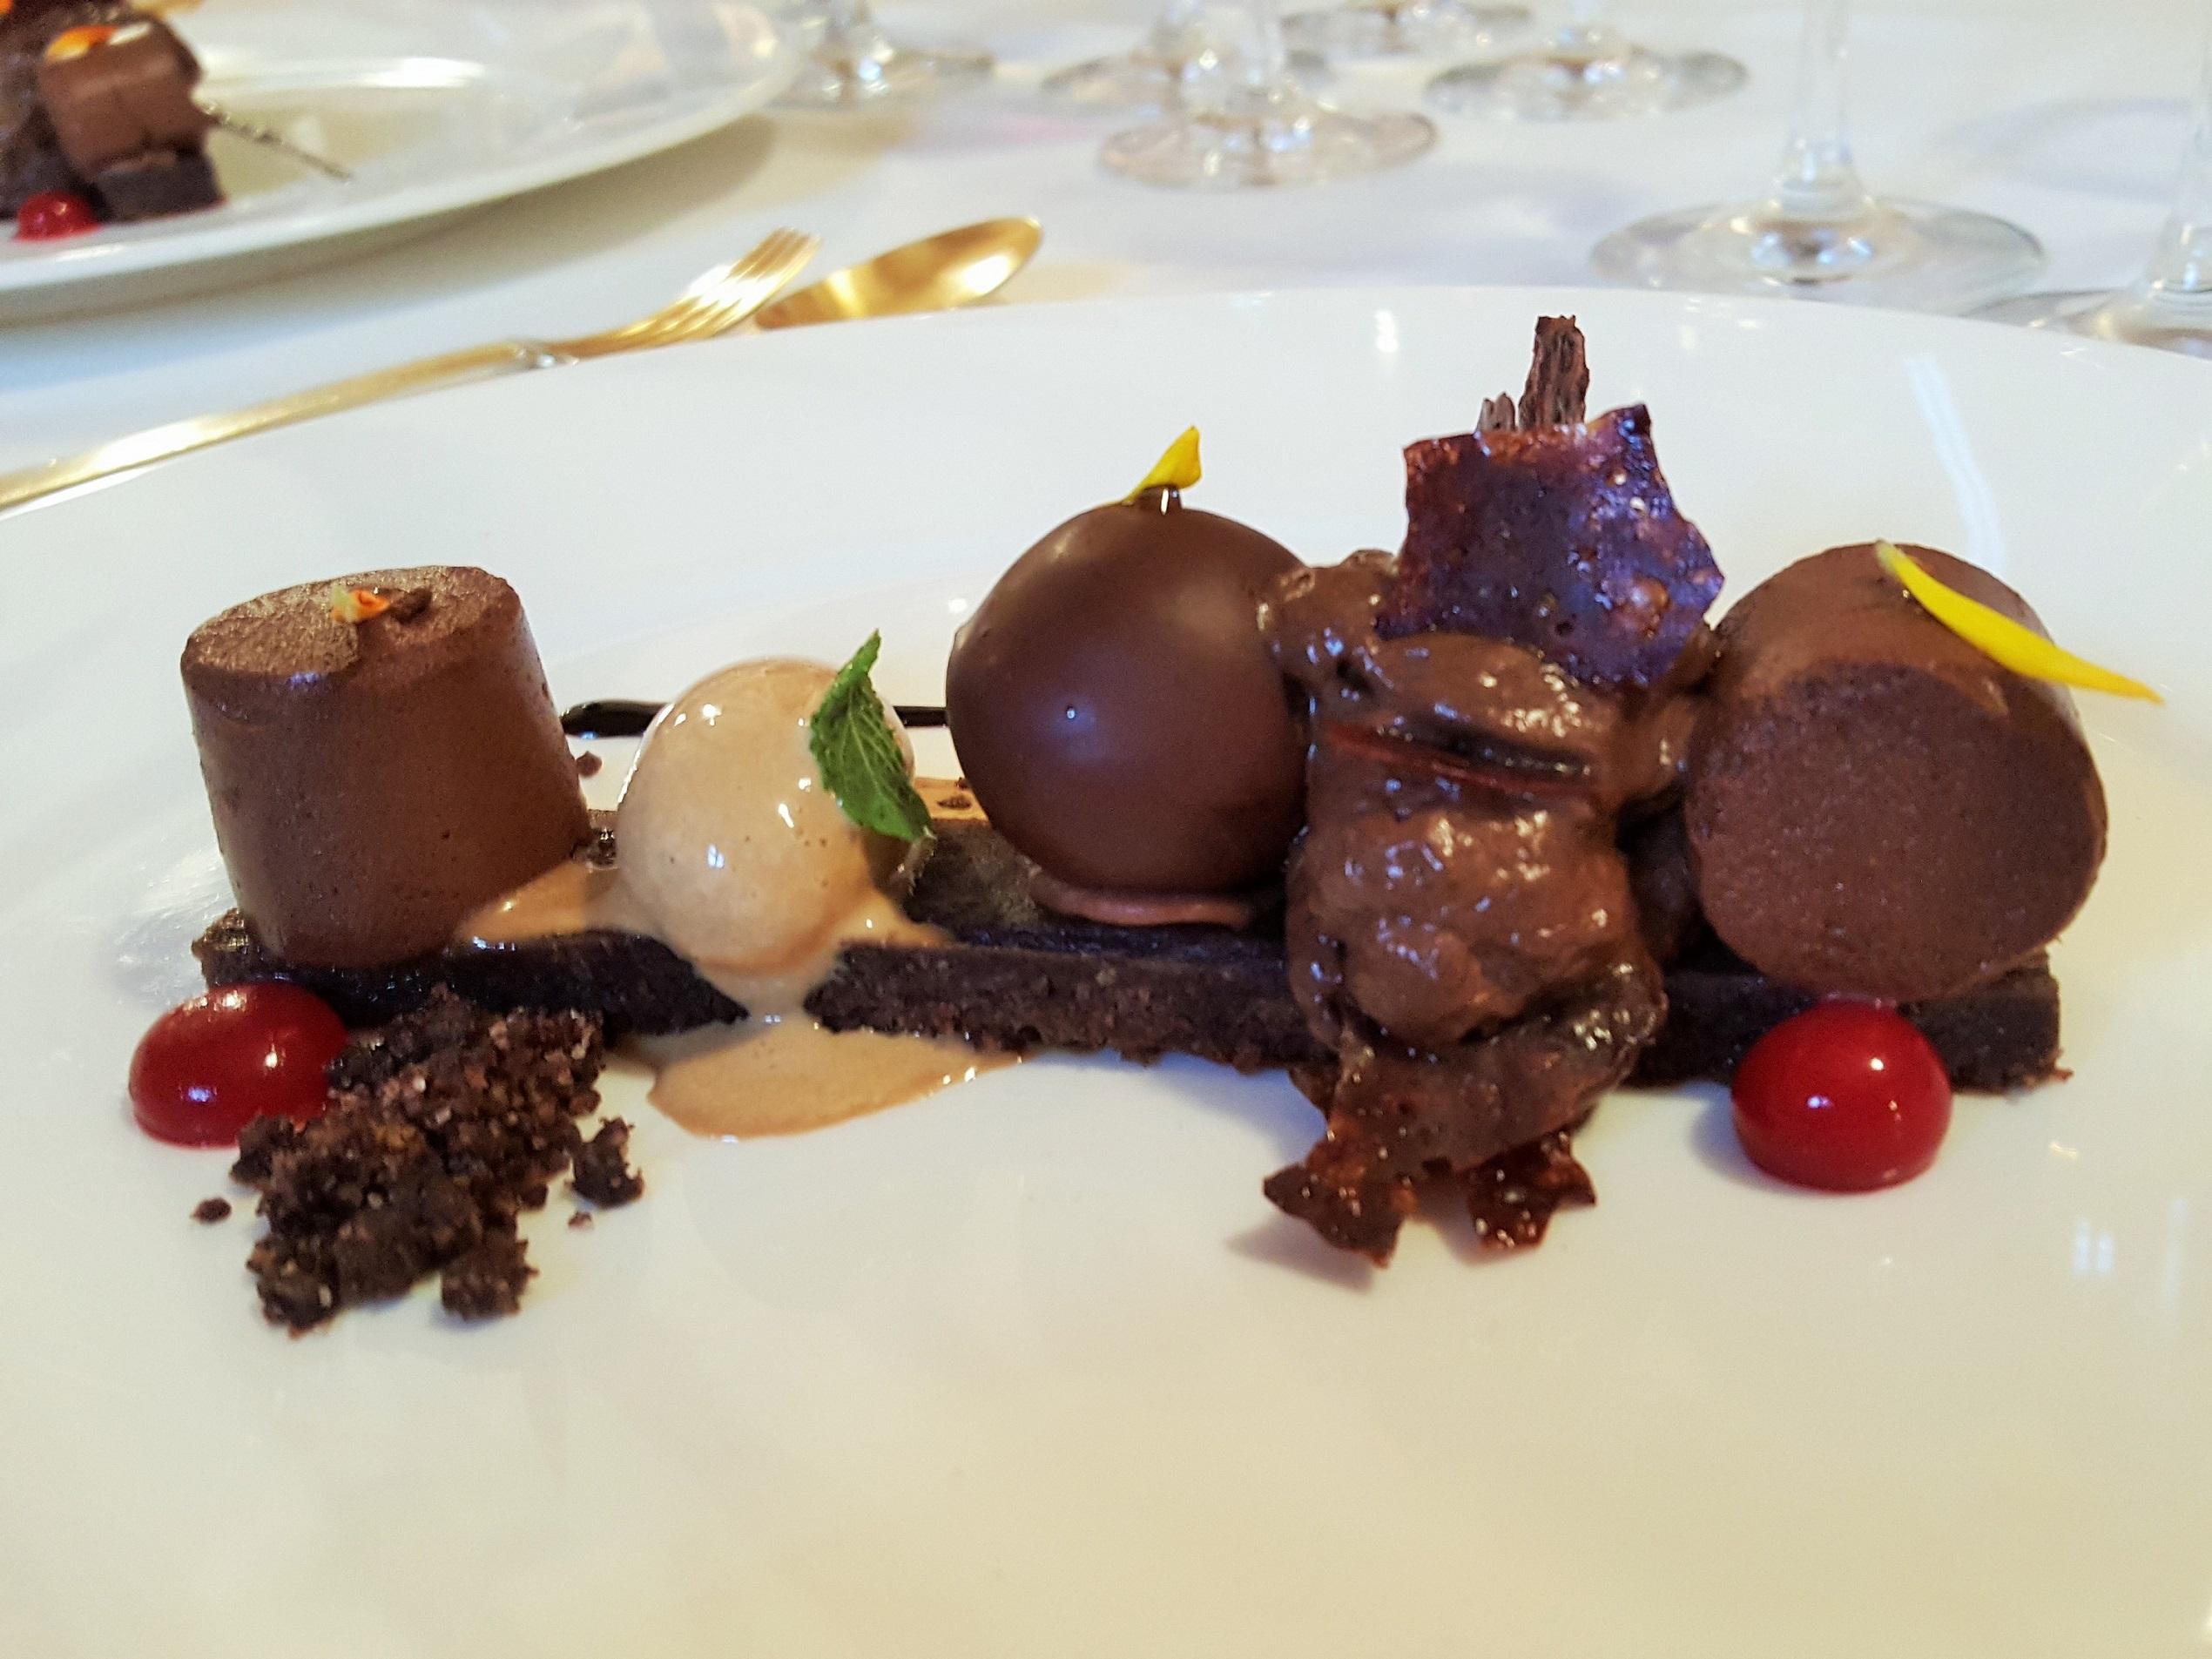 Chocolate El Cenador de Amos